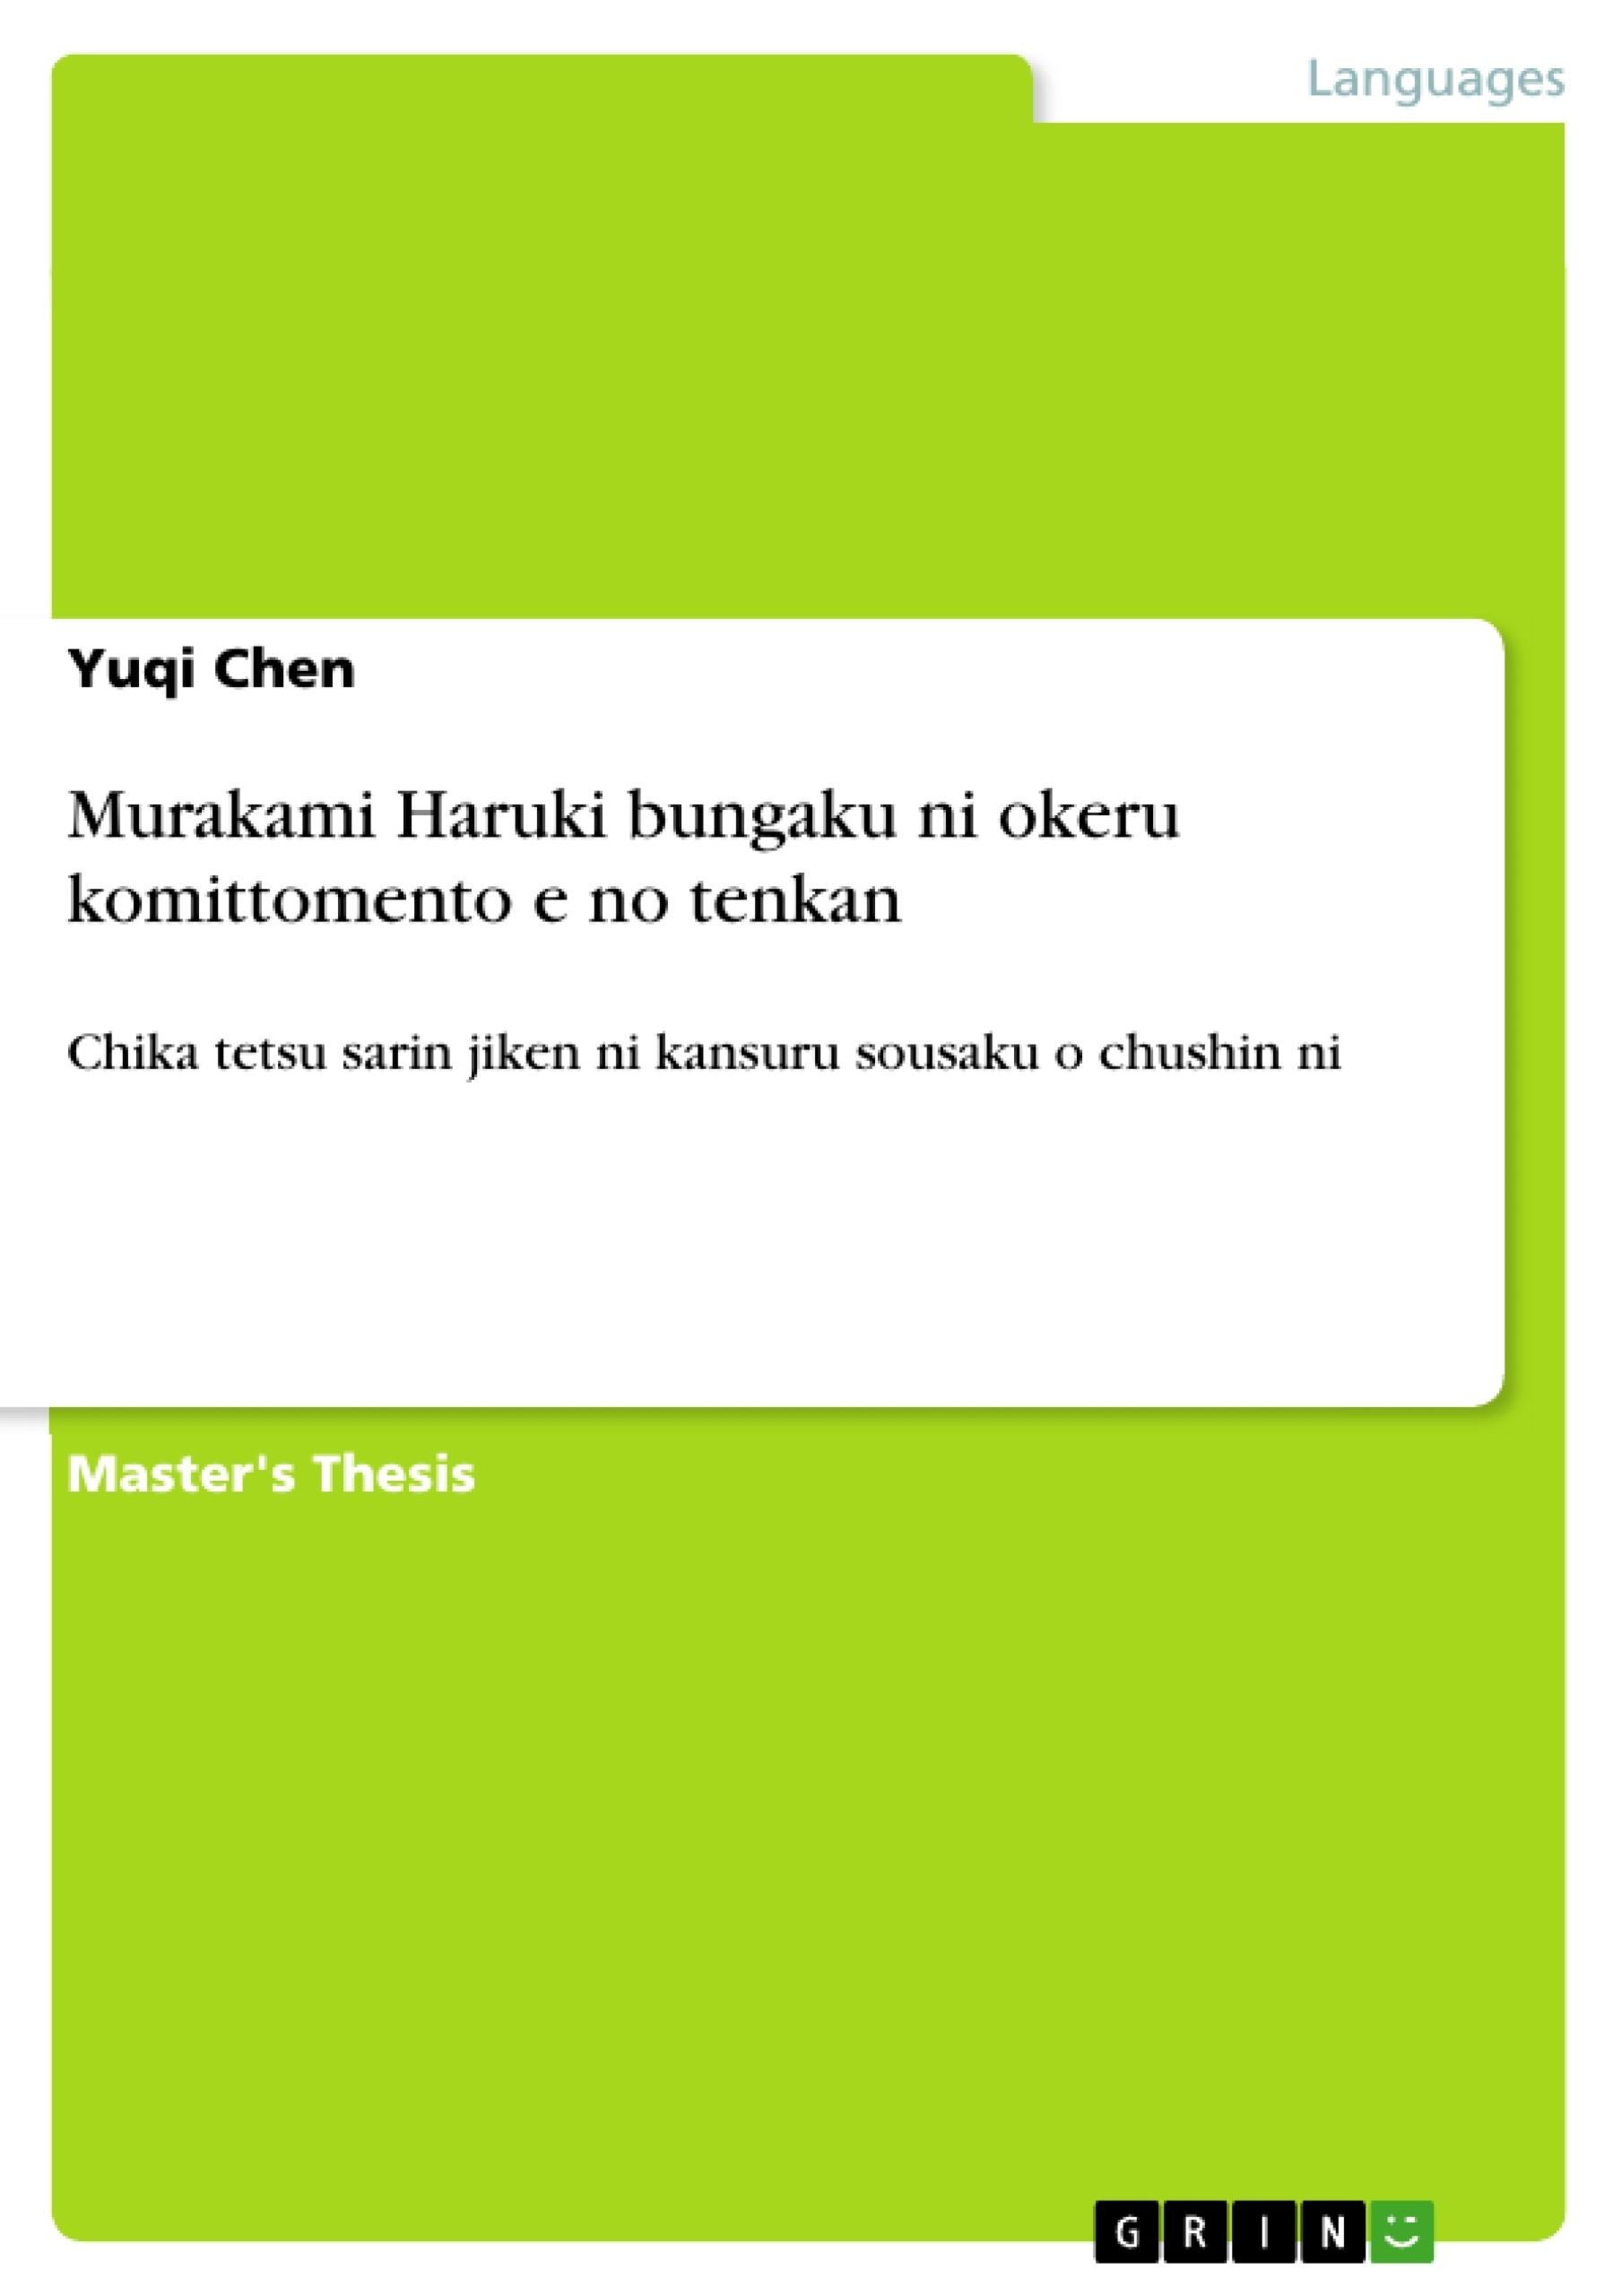 Title: Murakami Haruki bungaku ni okeru komittomento e no tenkan